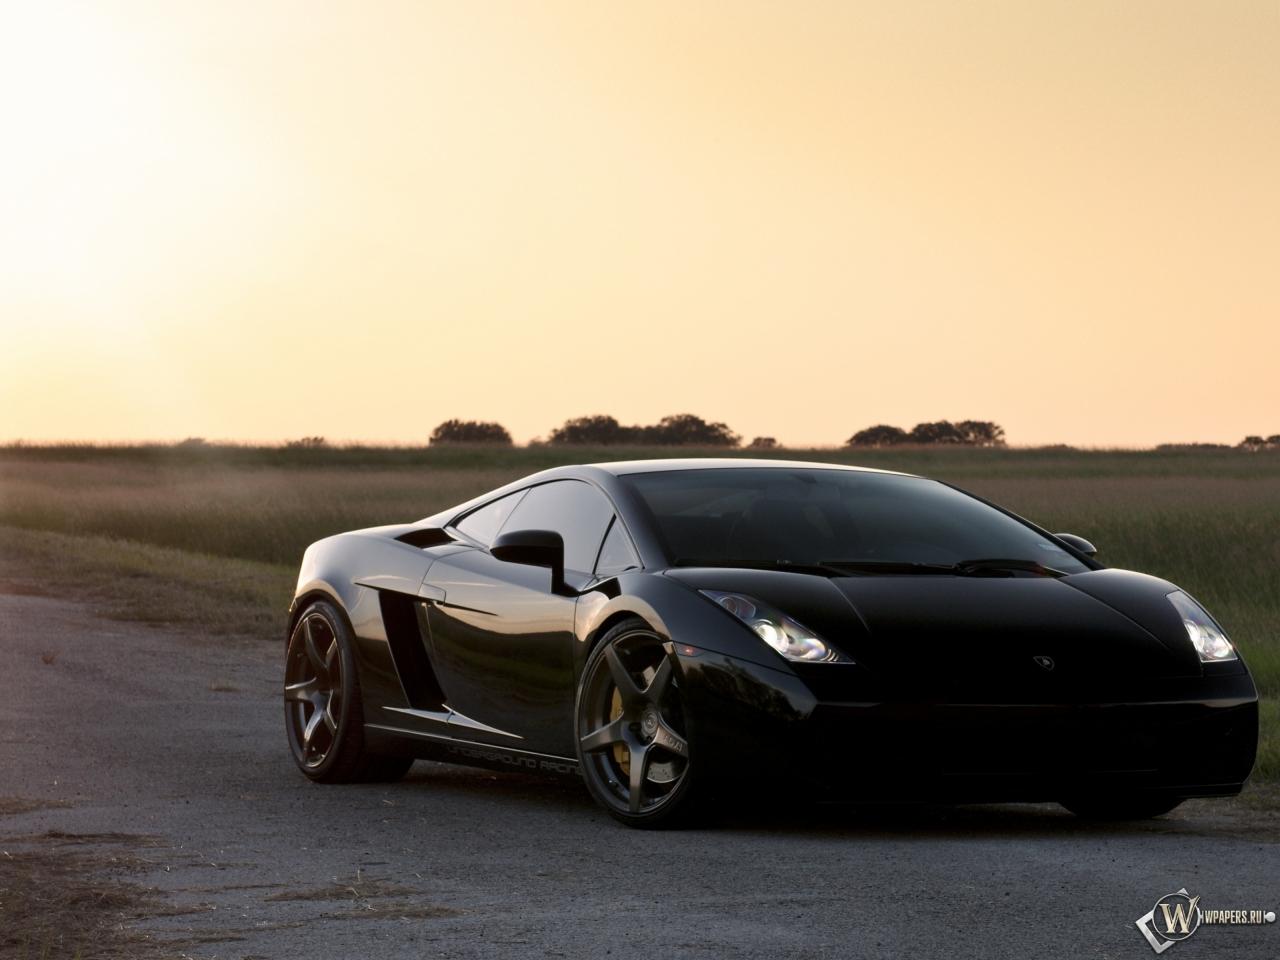 Lamborghini Gallardo 1280x960